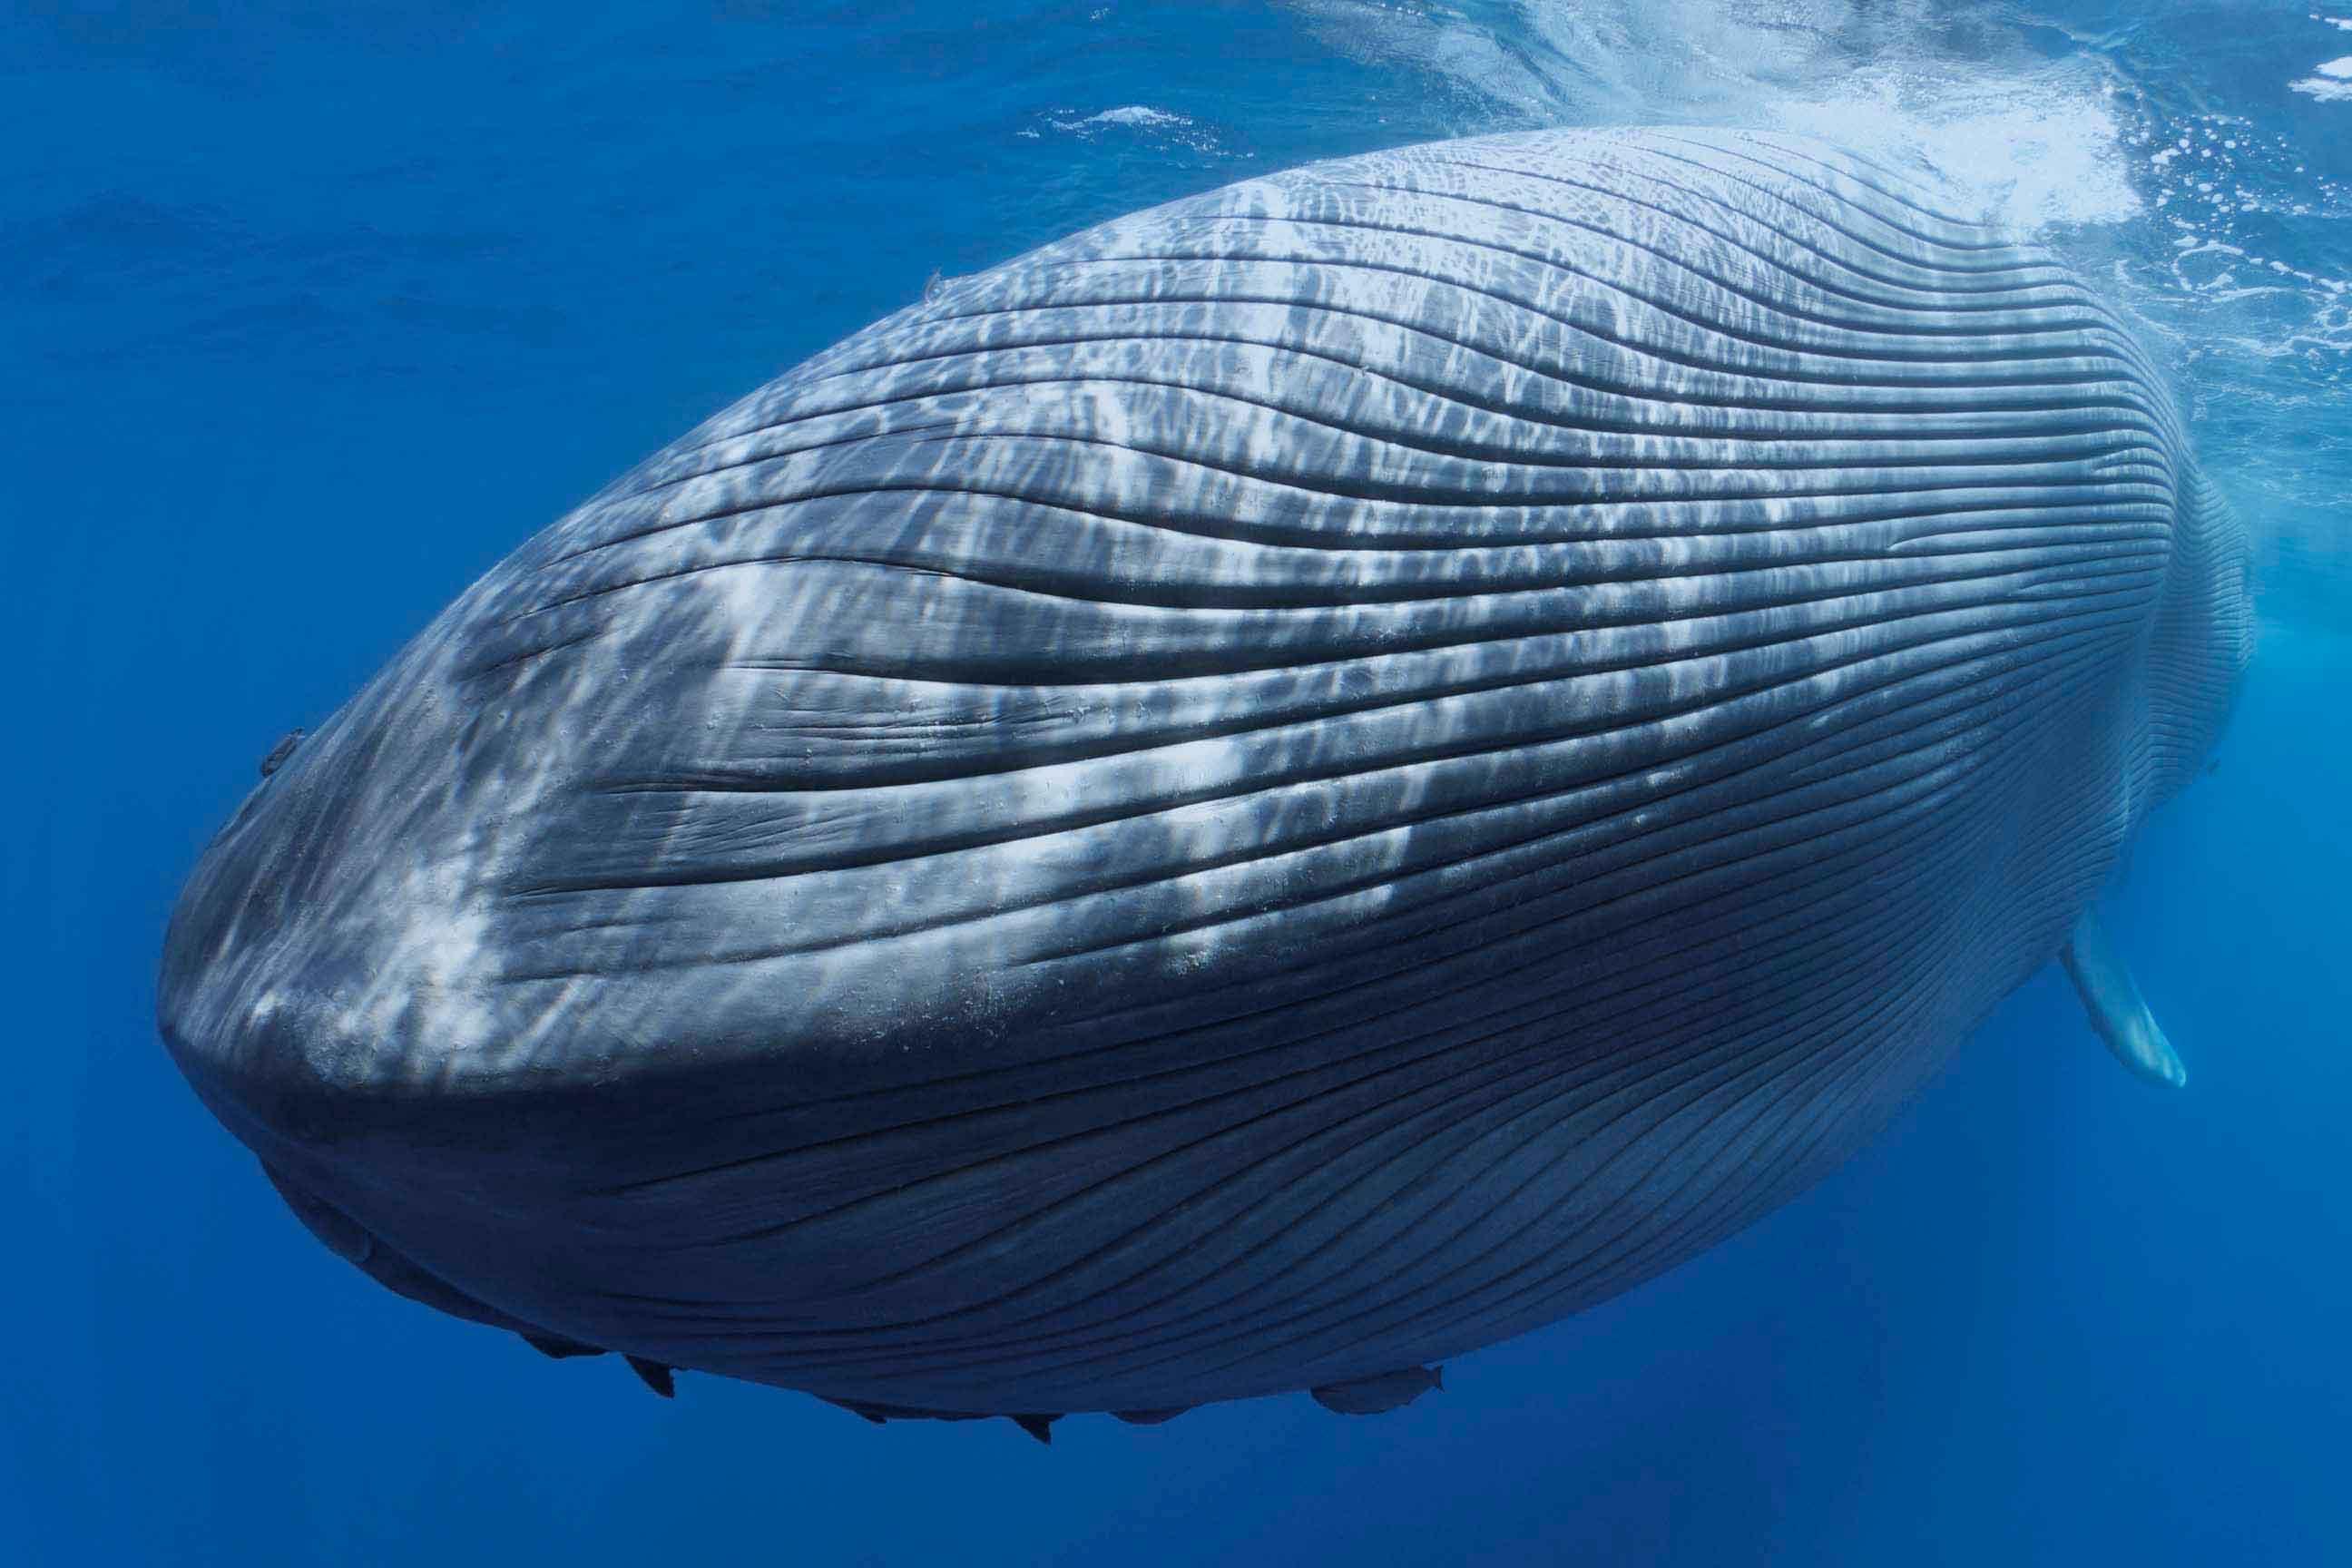 Синий кит выглядит впечатляюще